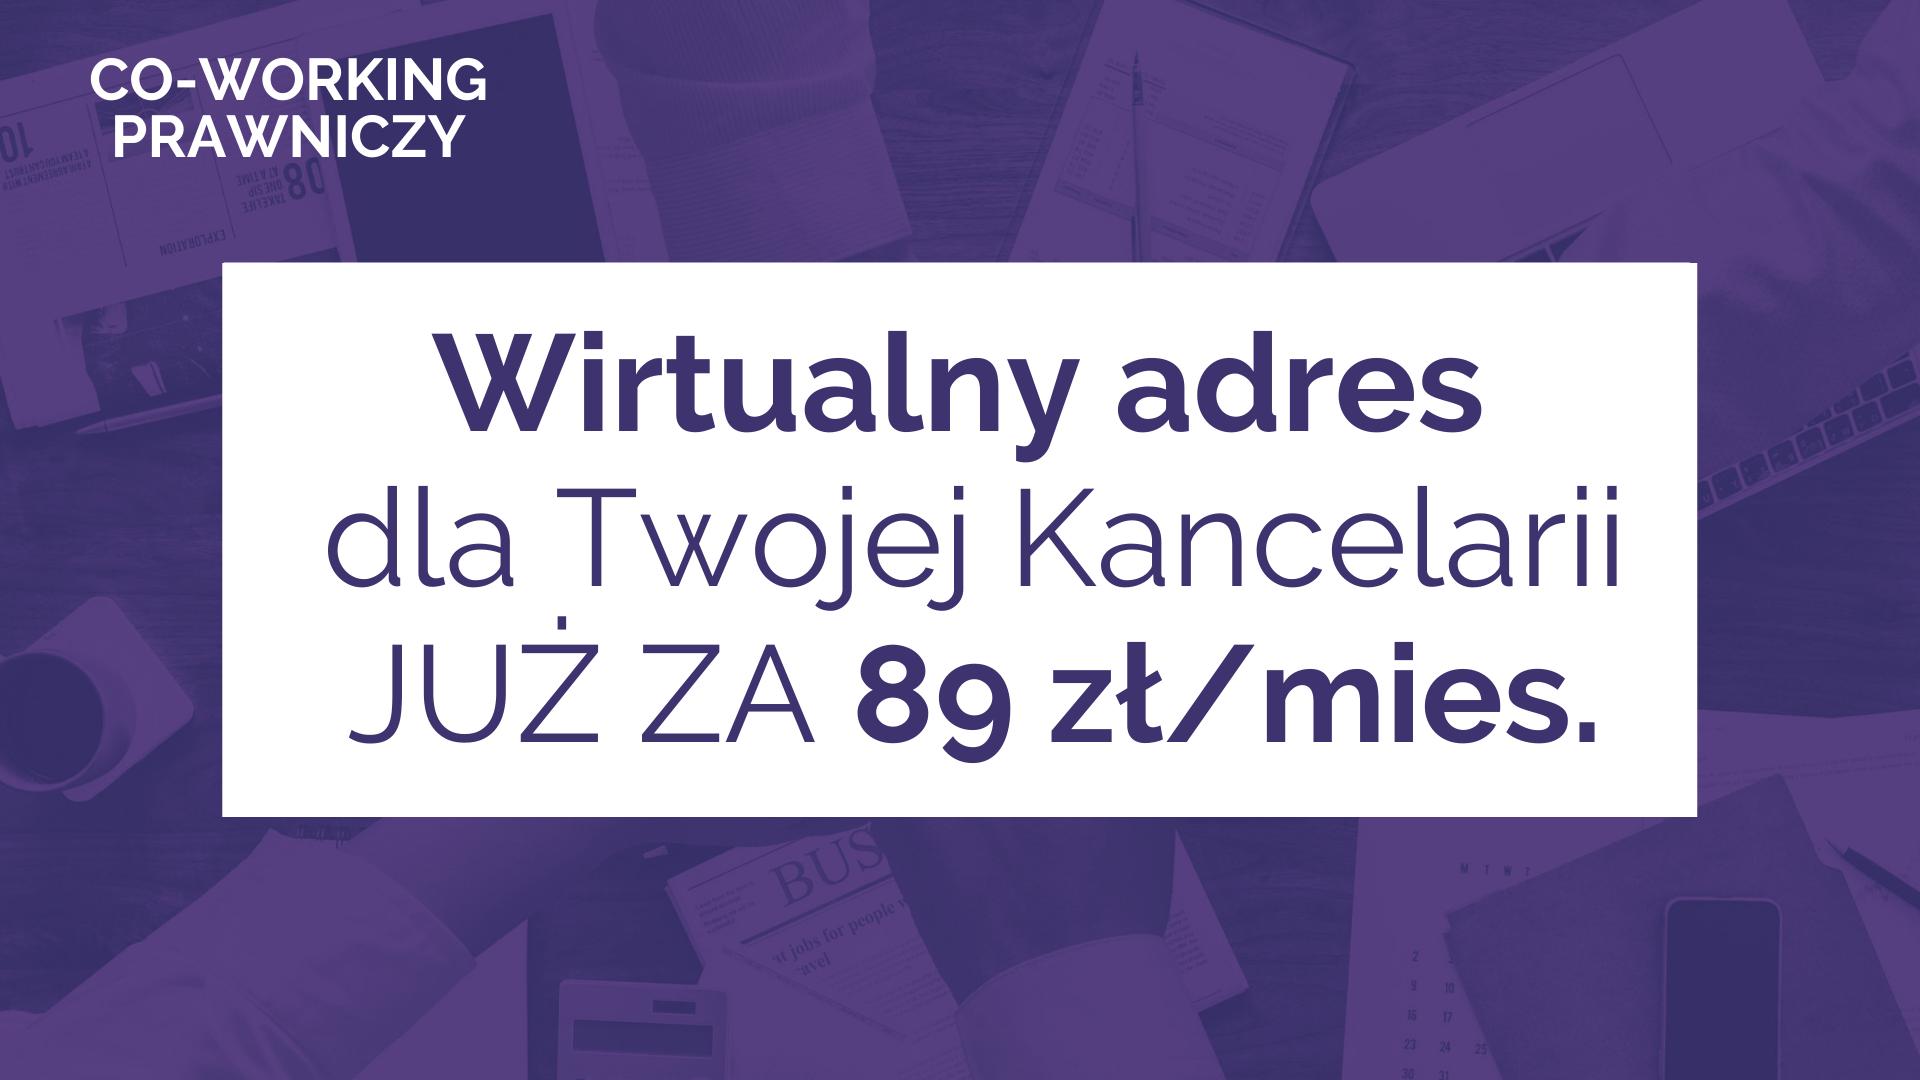 Wirtualny adres dla Twojej kancelarii JUŻ ZA 89 złmies. (1)